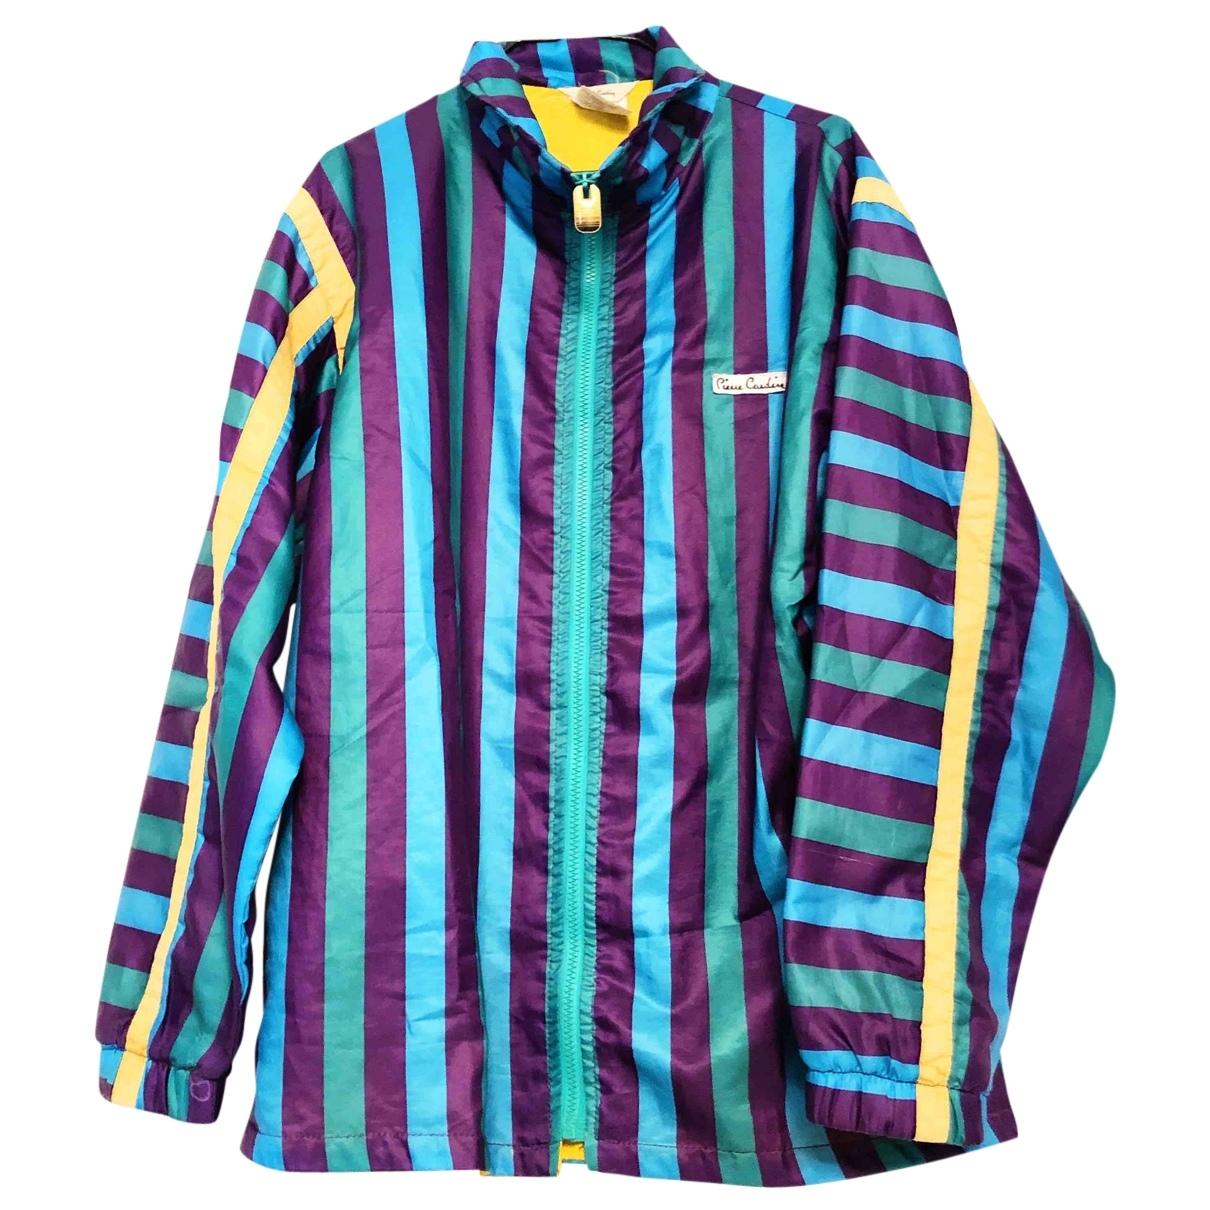 Pierre Cardin \N Multicolour jacket for Women 44 IT